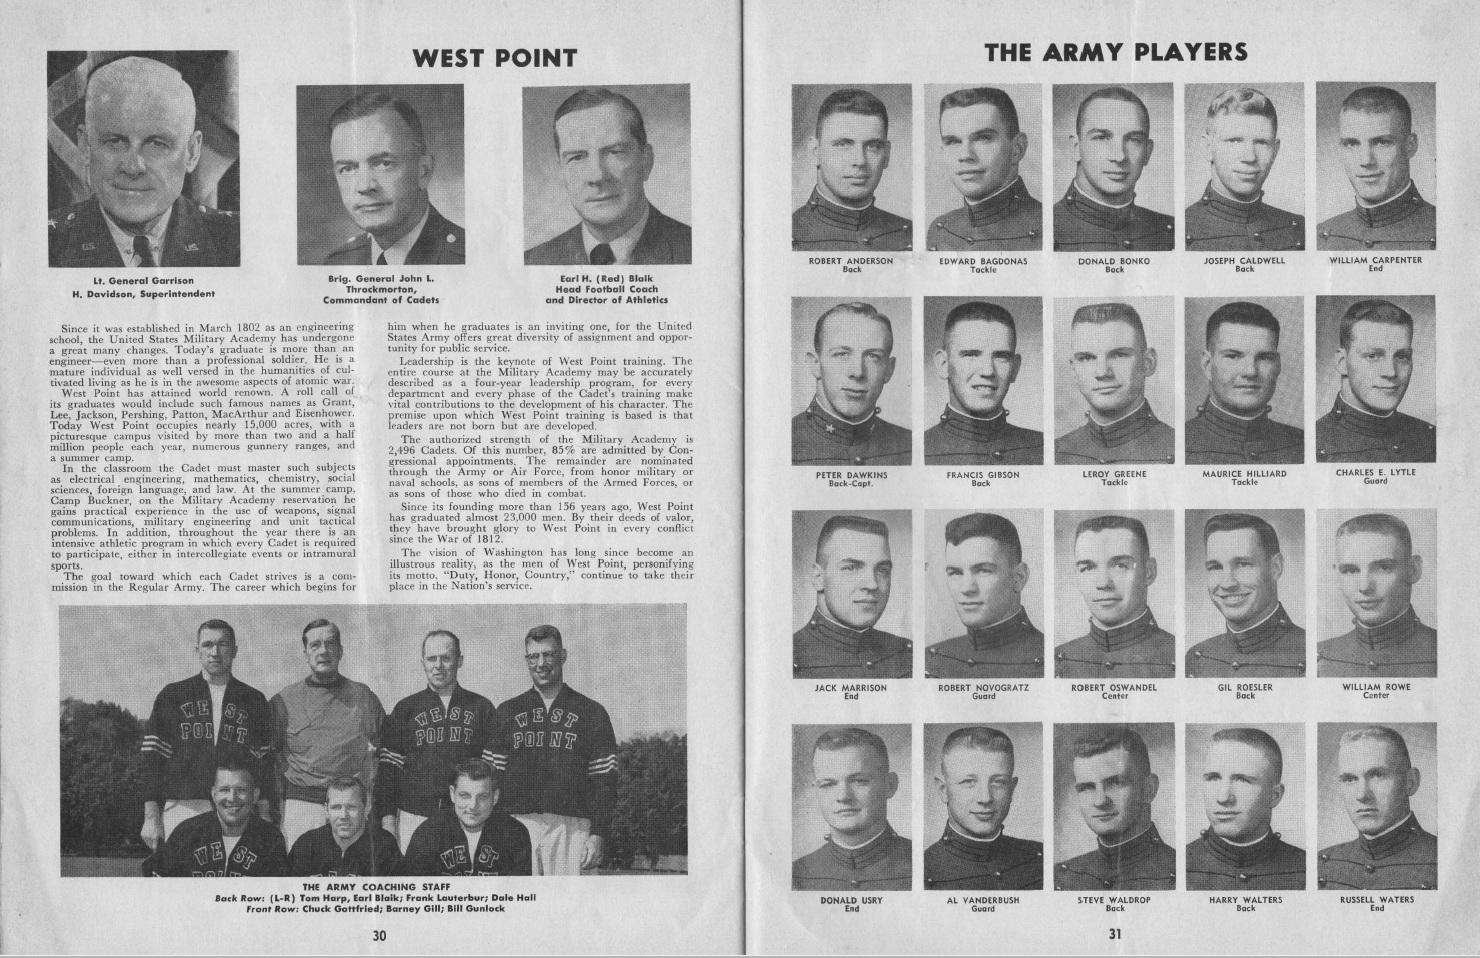 armyfb_1958_vsrice-program_p30-31_8nov1958